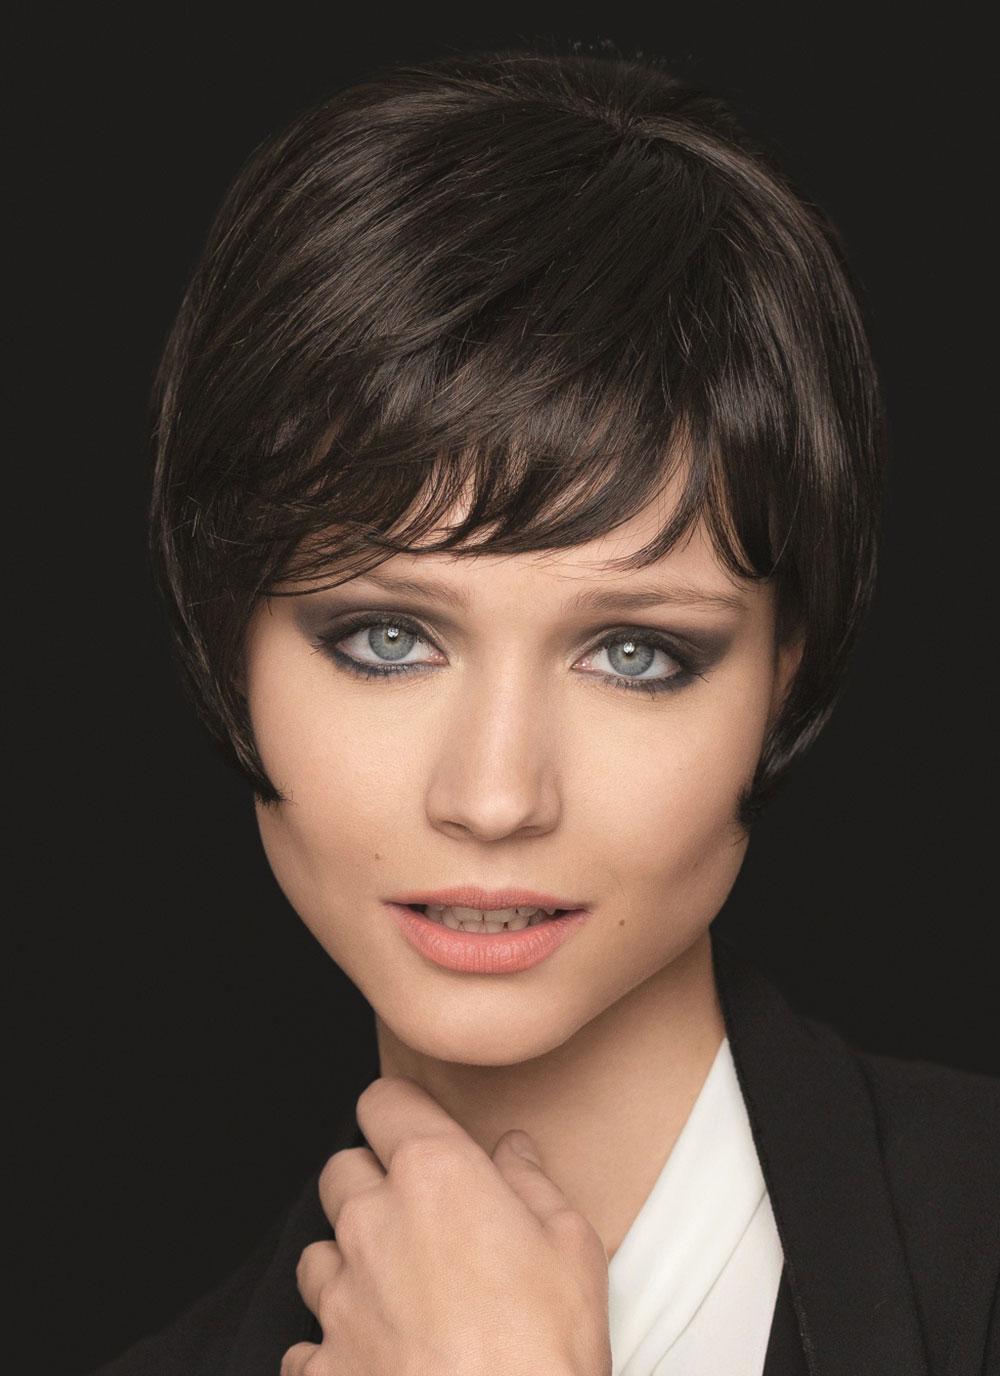 Gisela Mayer Perücke - Visconti Italian Cut